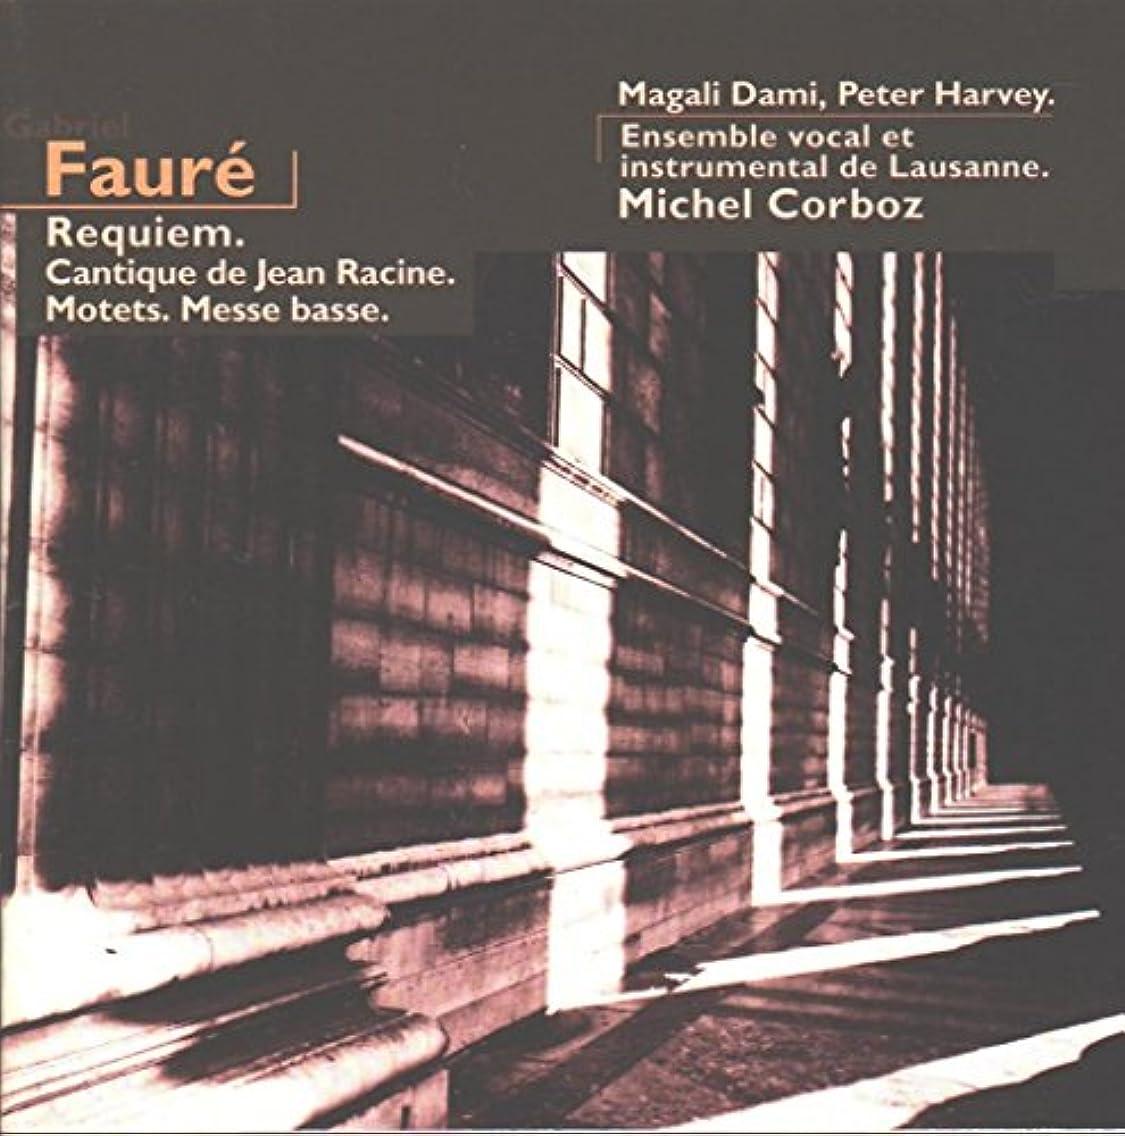 Faure: Requiem, Op. 38 / Cantique de Jean Racine, Op. 11 / Motets / Messe Basse